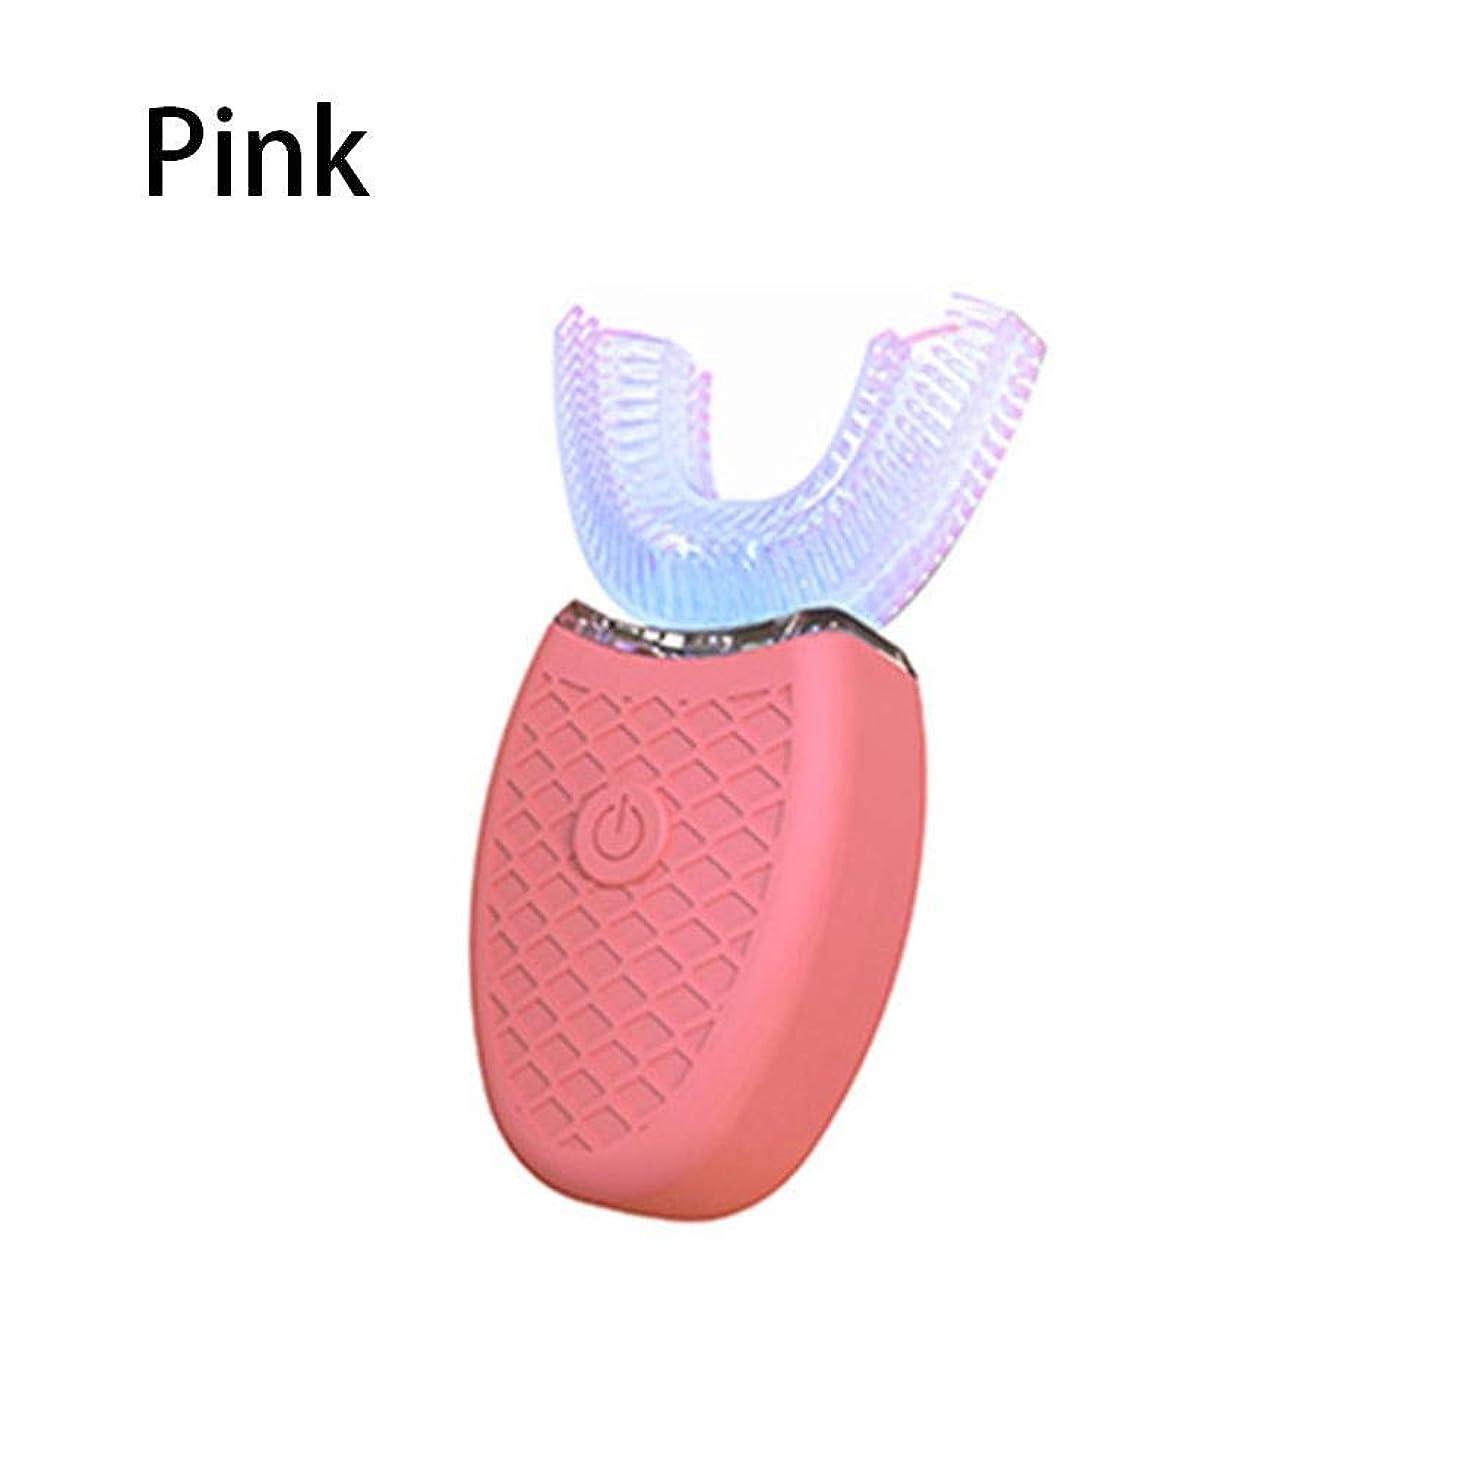 U型電動歯ブラシ超音波自動歯ブラシ 360°包囲清掃歯 怠け者歯ブラシ USB充電 IPX7防水 自動歯ブラシ